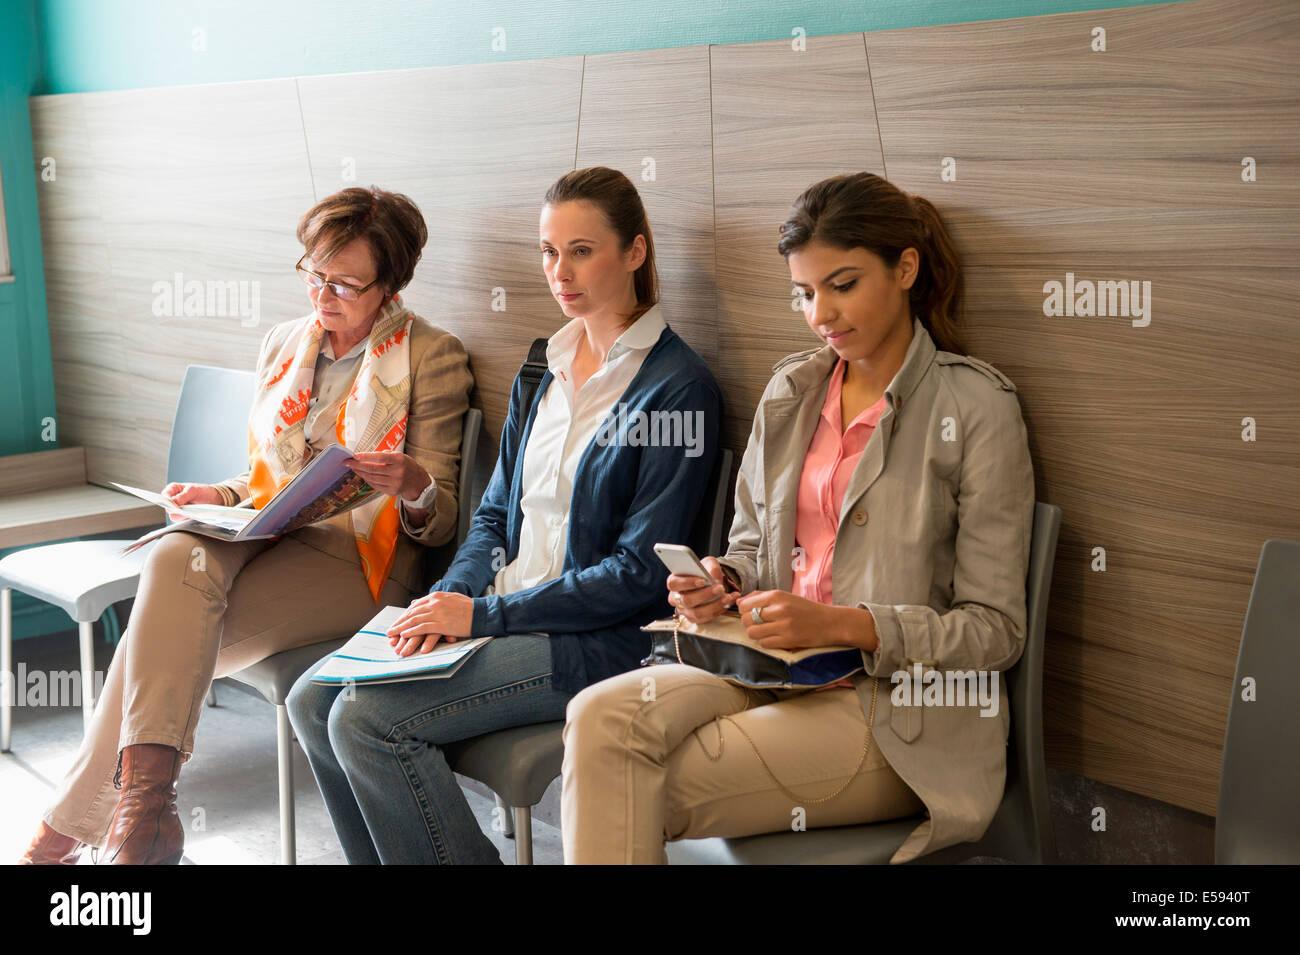 Tres mujeres en la sala de espera del hospital Imagen De Stock